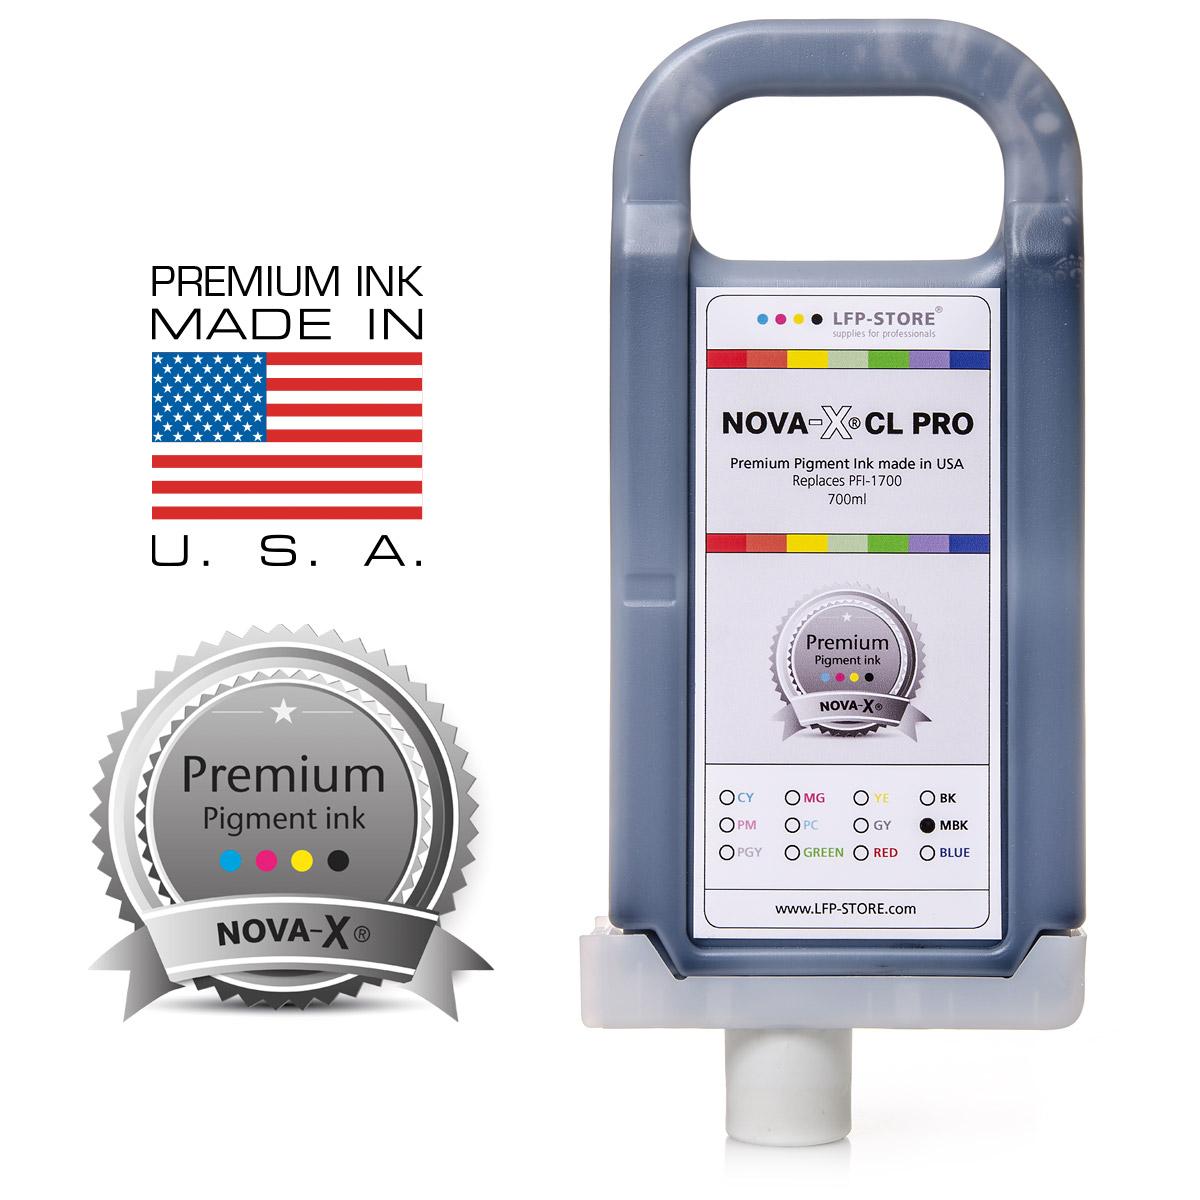 PFI-1700 | NOVA-X® PRO Pigmenttinte für Canon® IPF PRO 2000 | 4000 | 6000